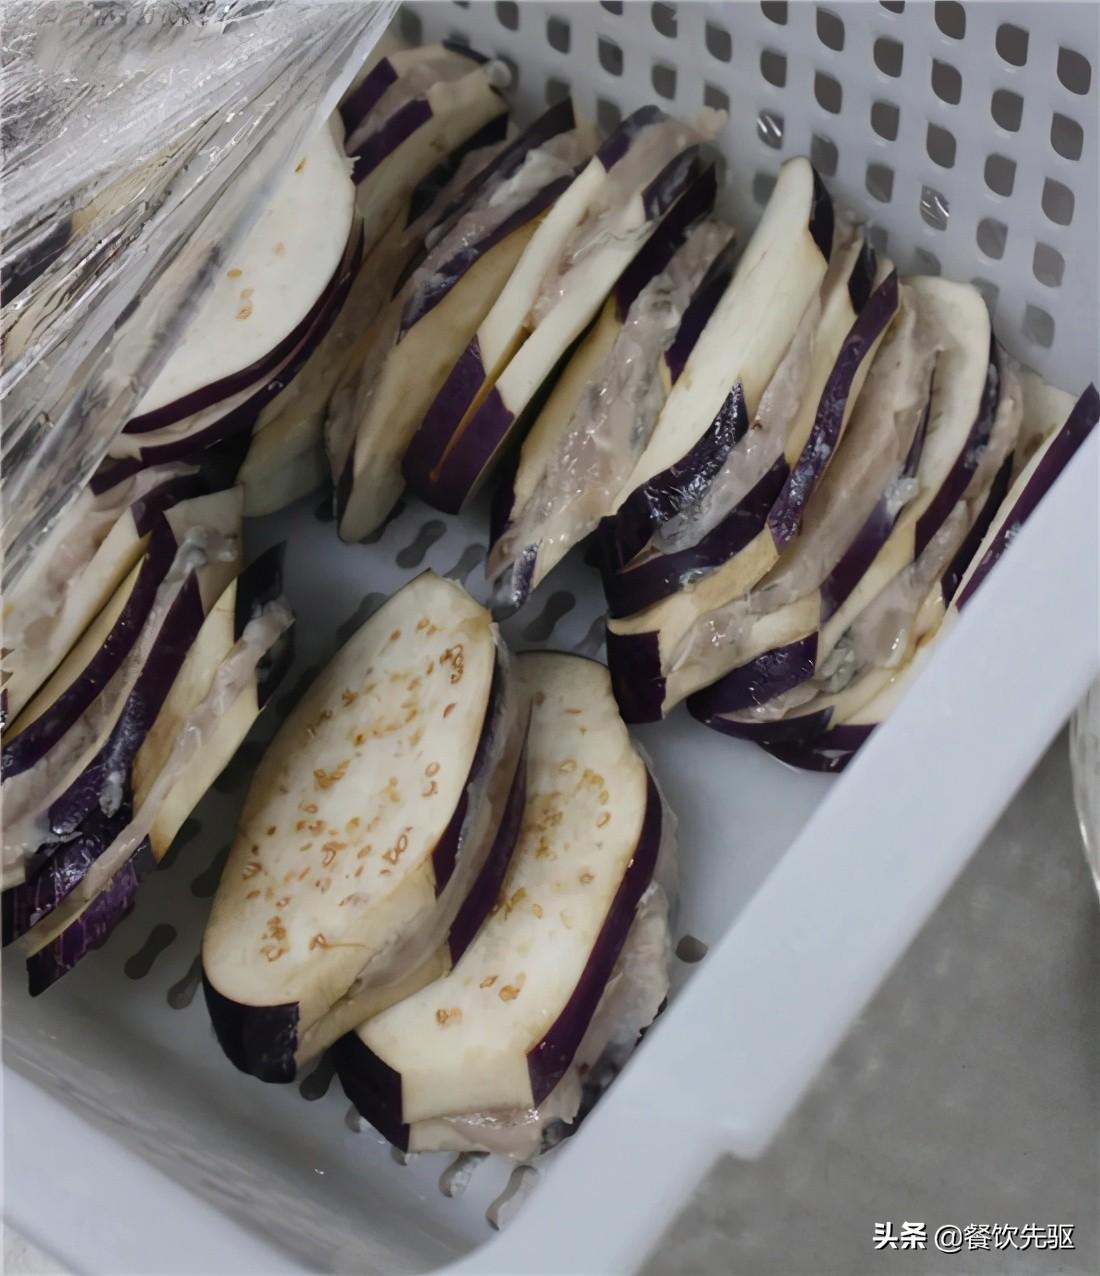 「粤菜」避风塘鱼茄盒的做法 避风塘鱼茄盒 第2张